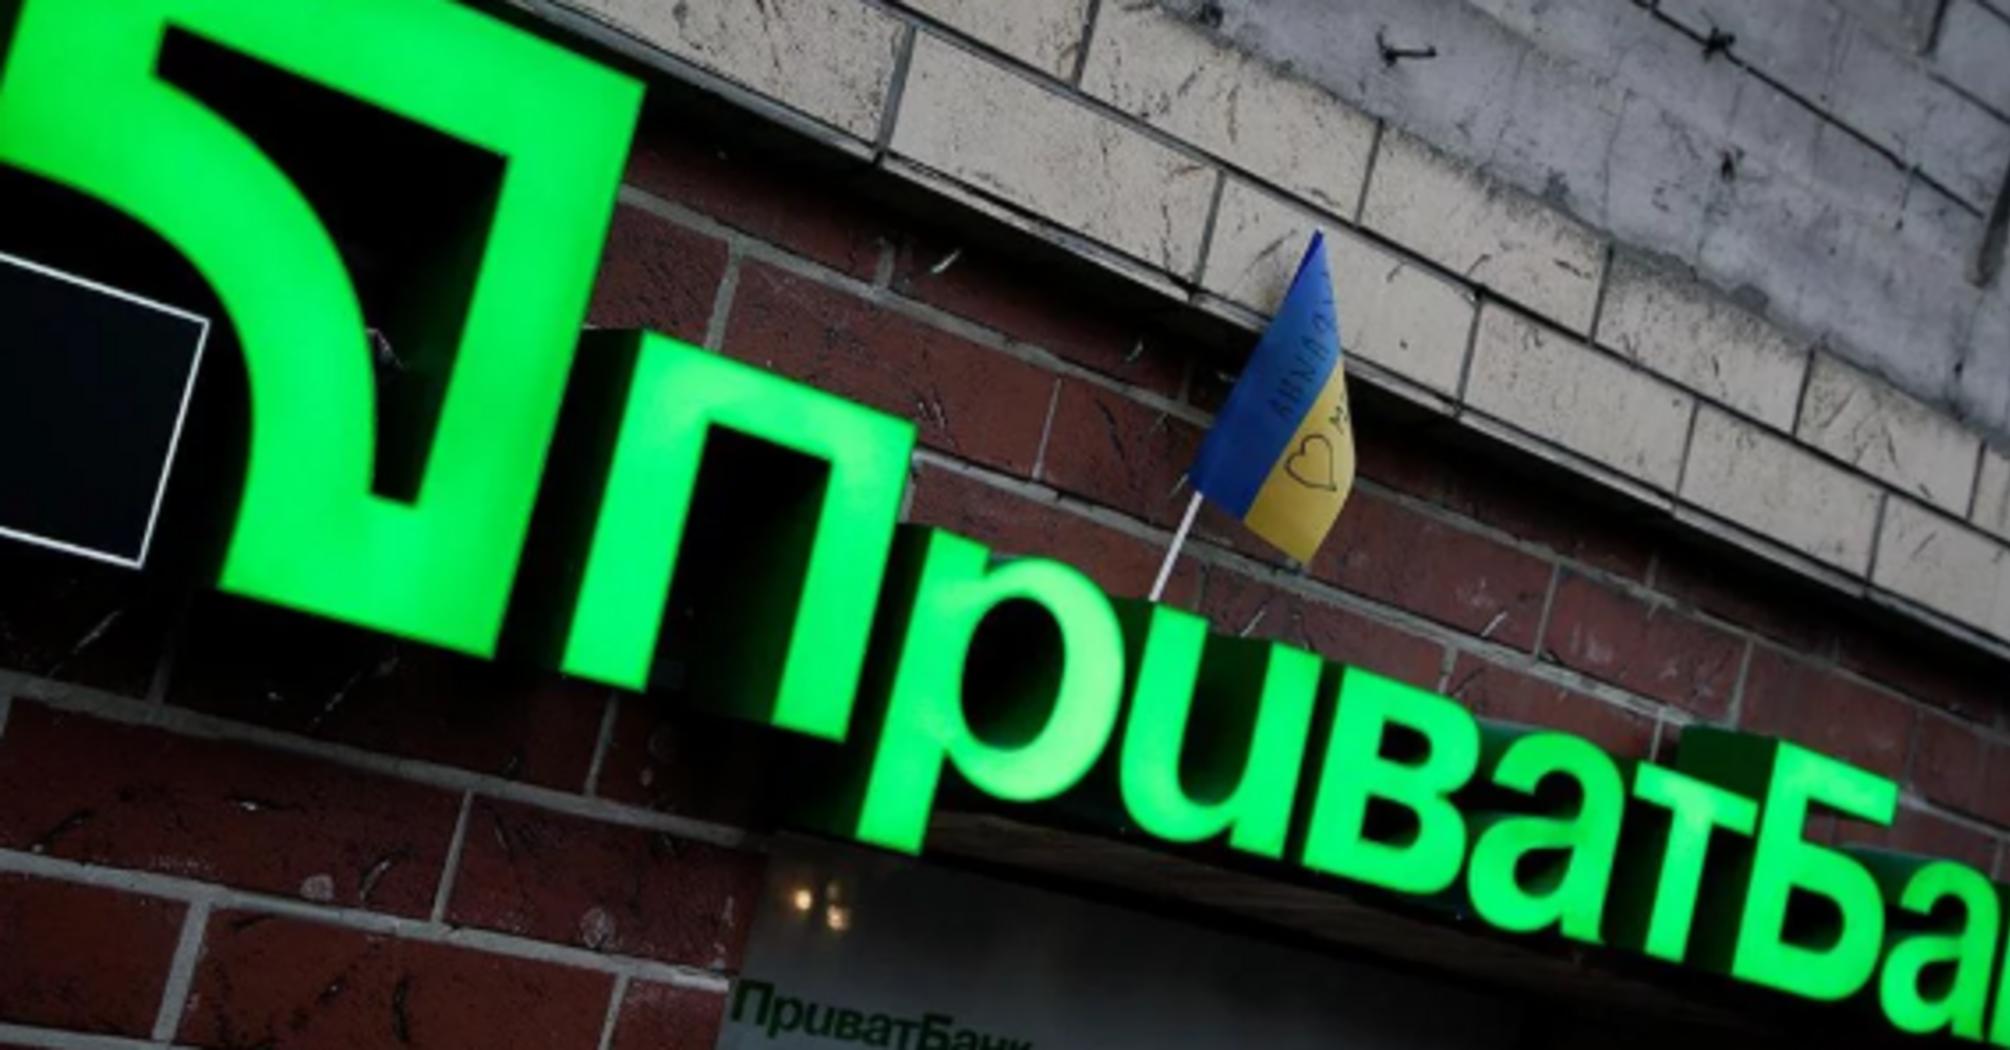 ПриватБанк очолить новий банкір: в компанії зробили заяву